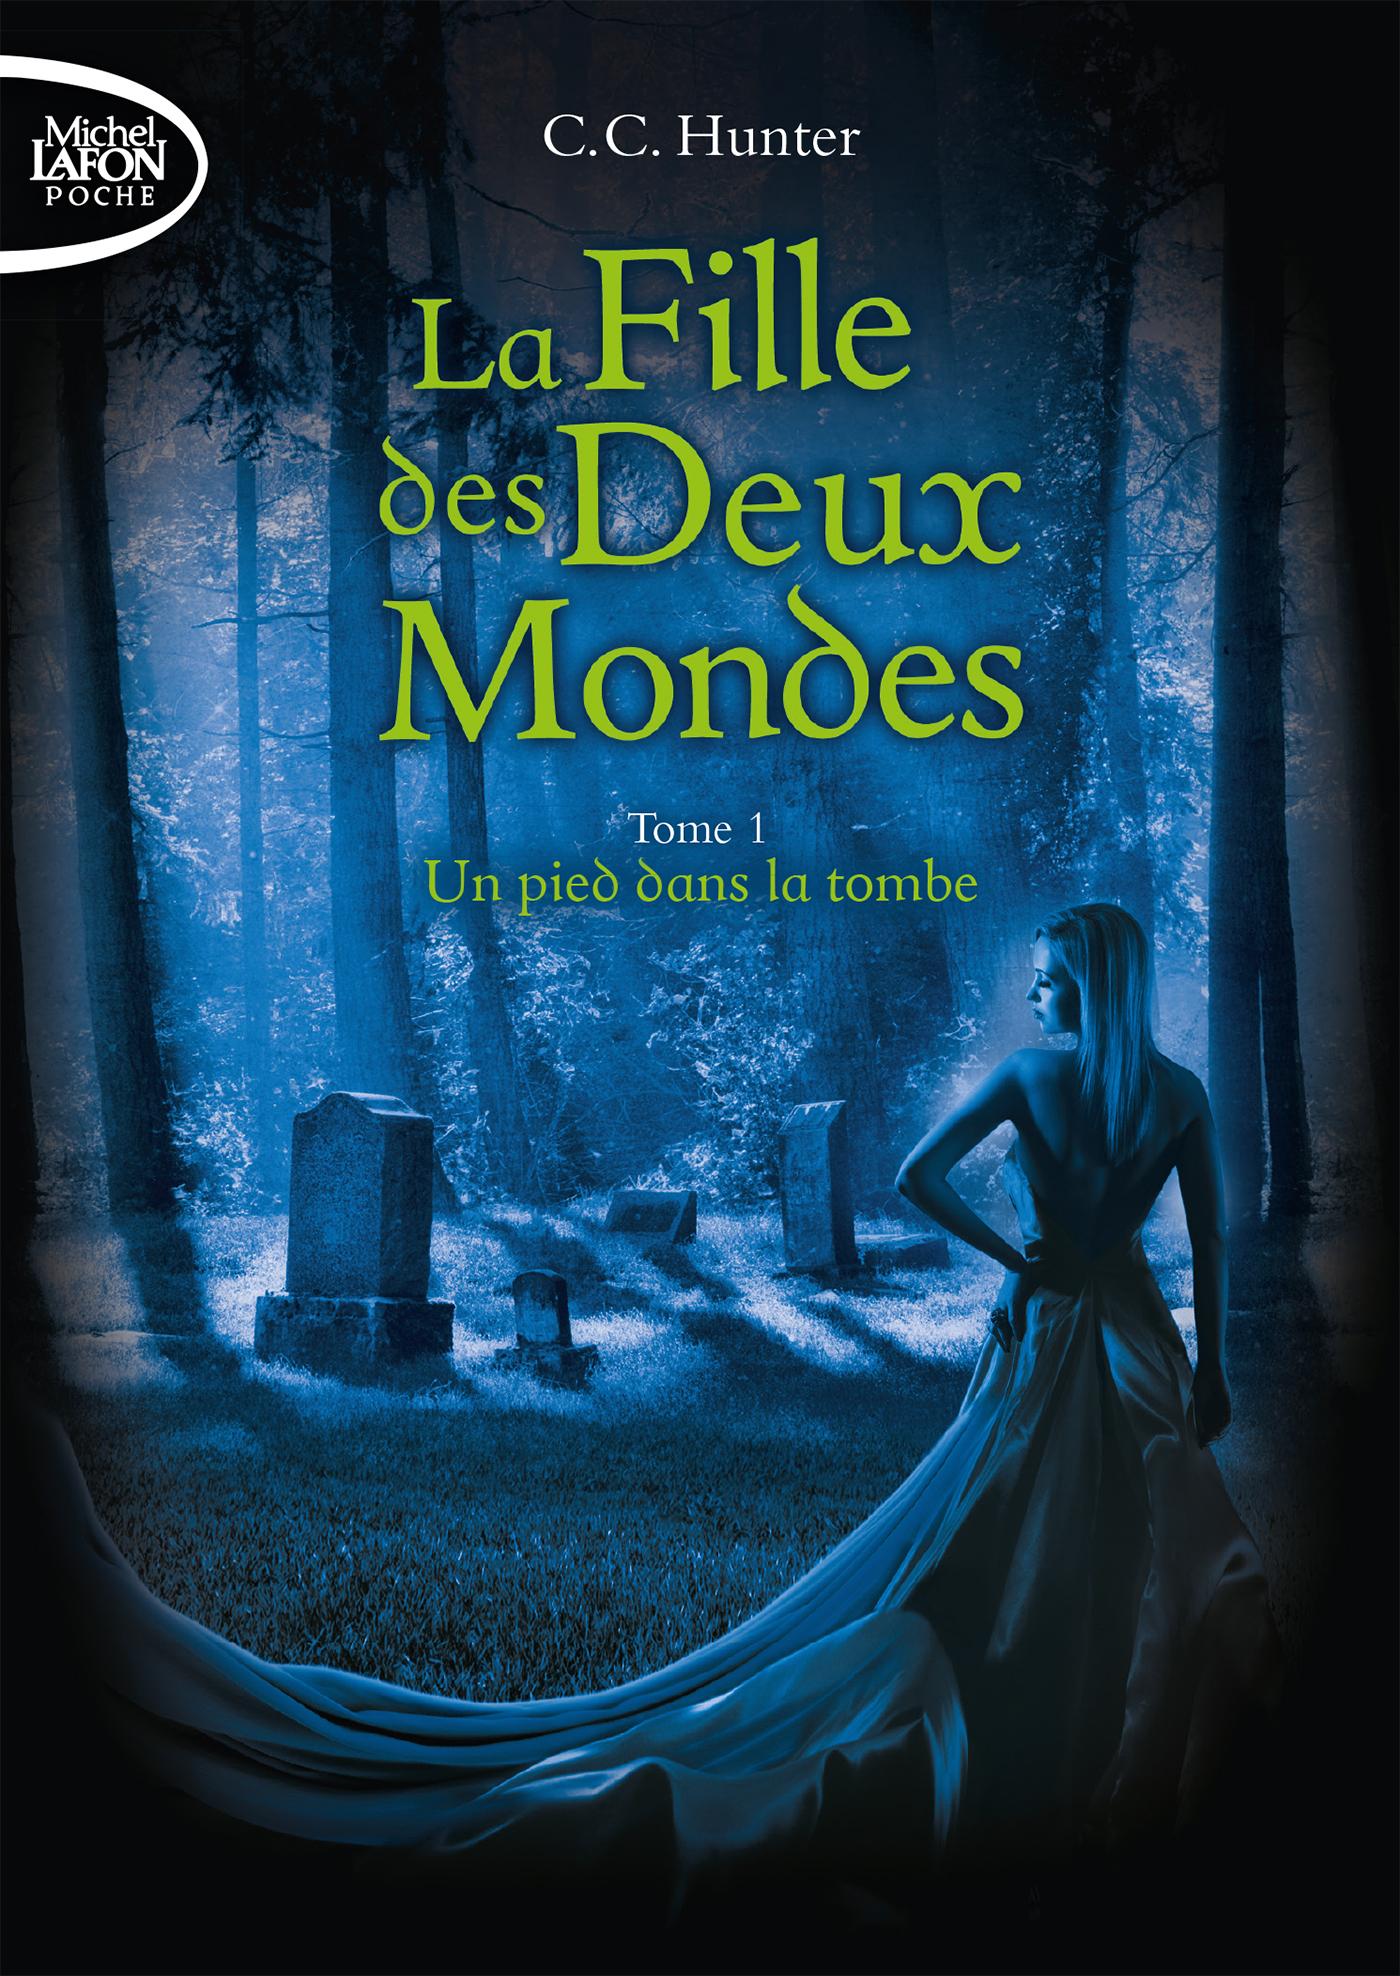 LA FILLE DES DEUX MONDES – TOME 1